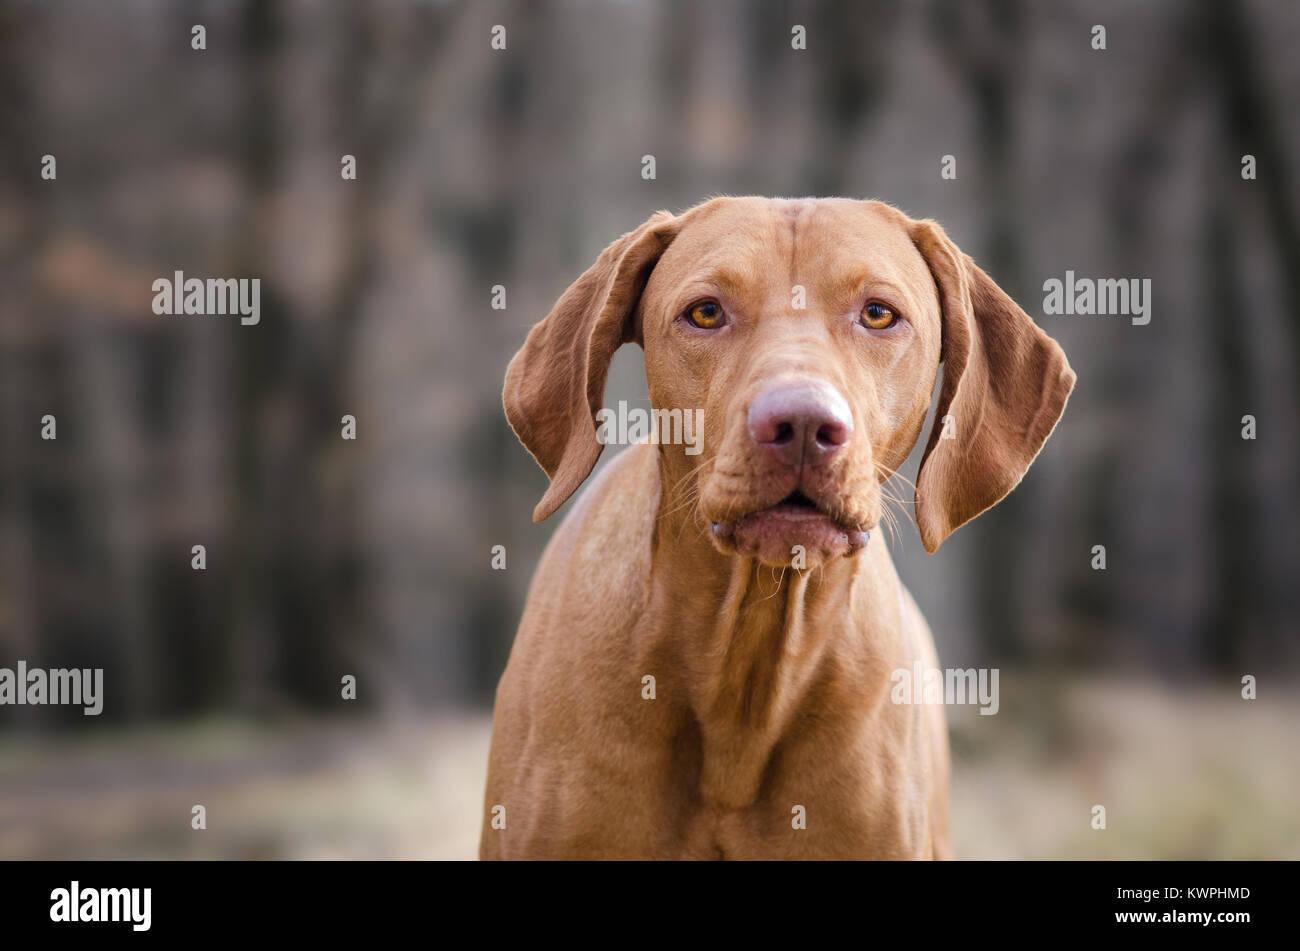 Pointeur hongrois hound dog dans la forêt Photo Stock